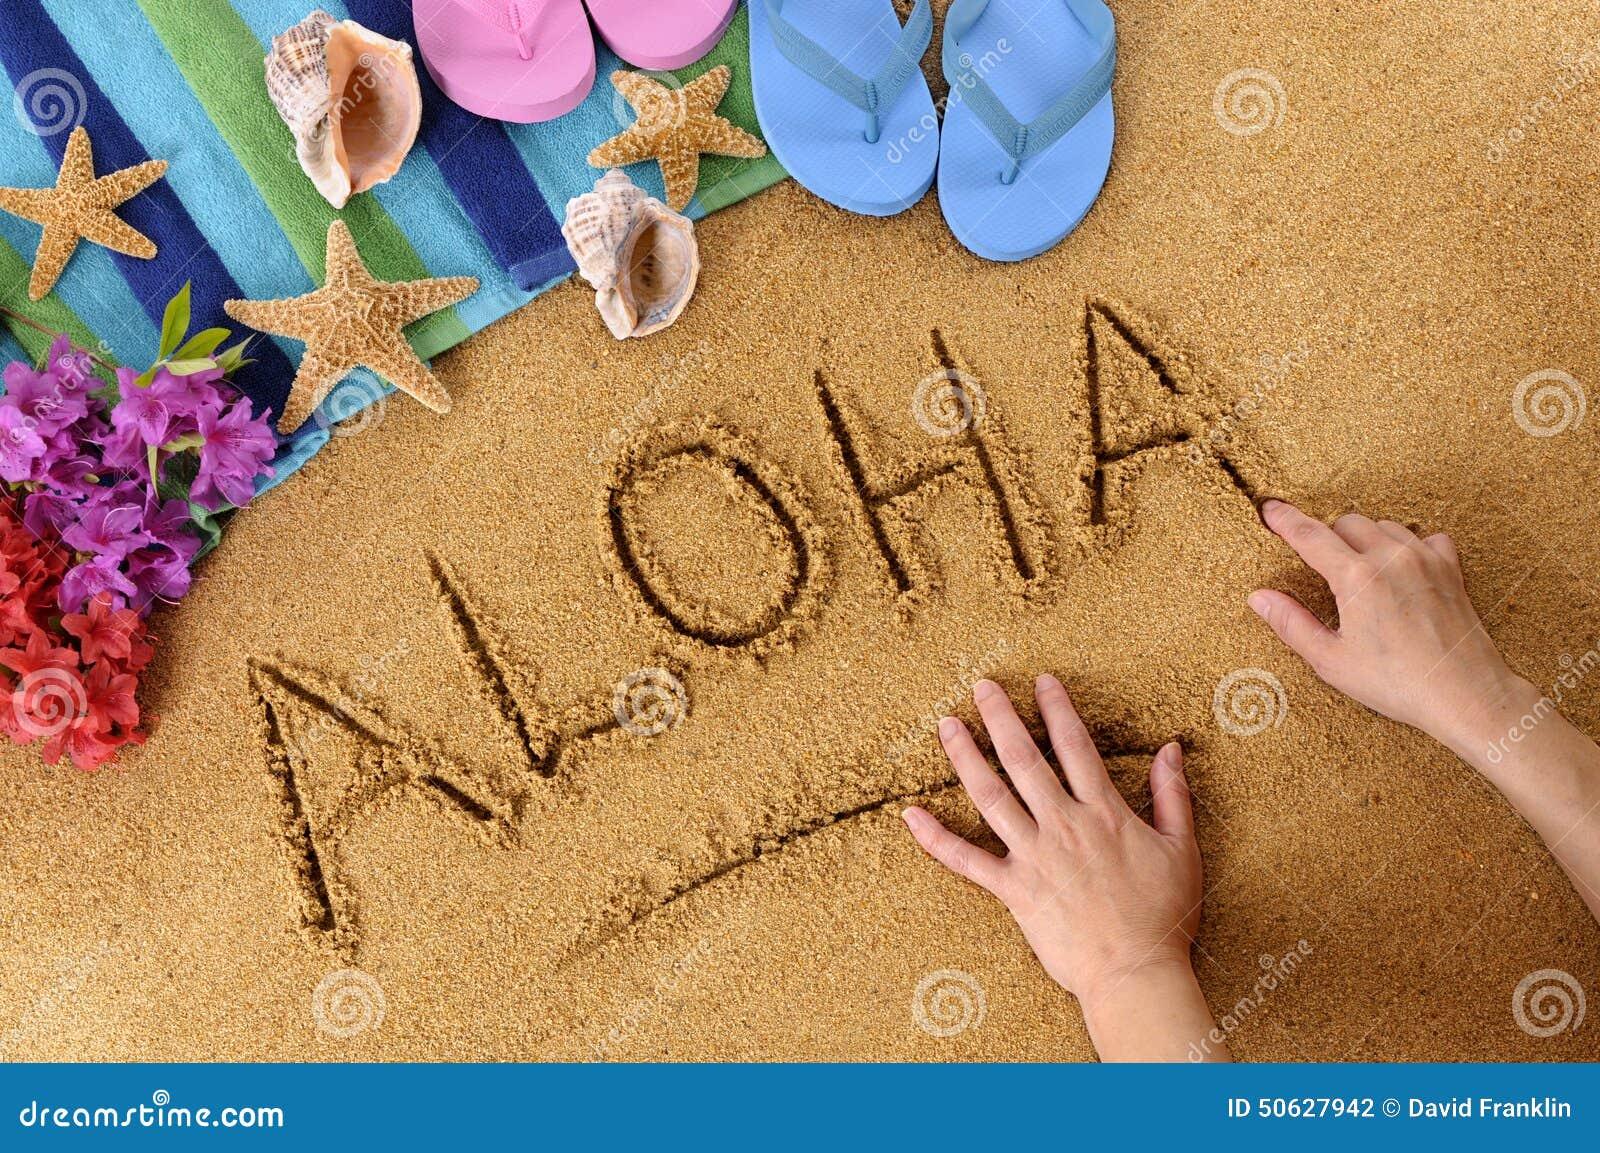 Native Hawaiians